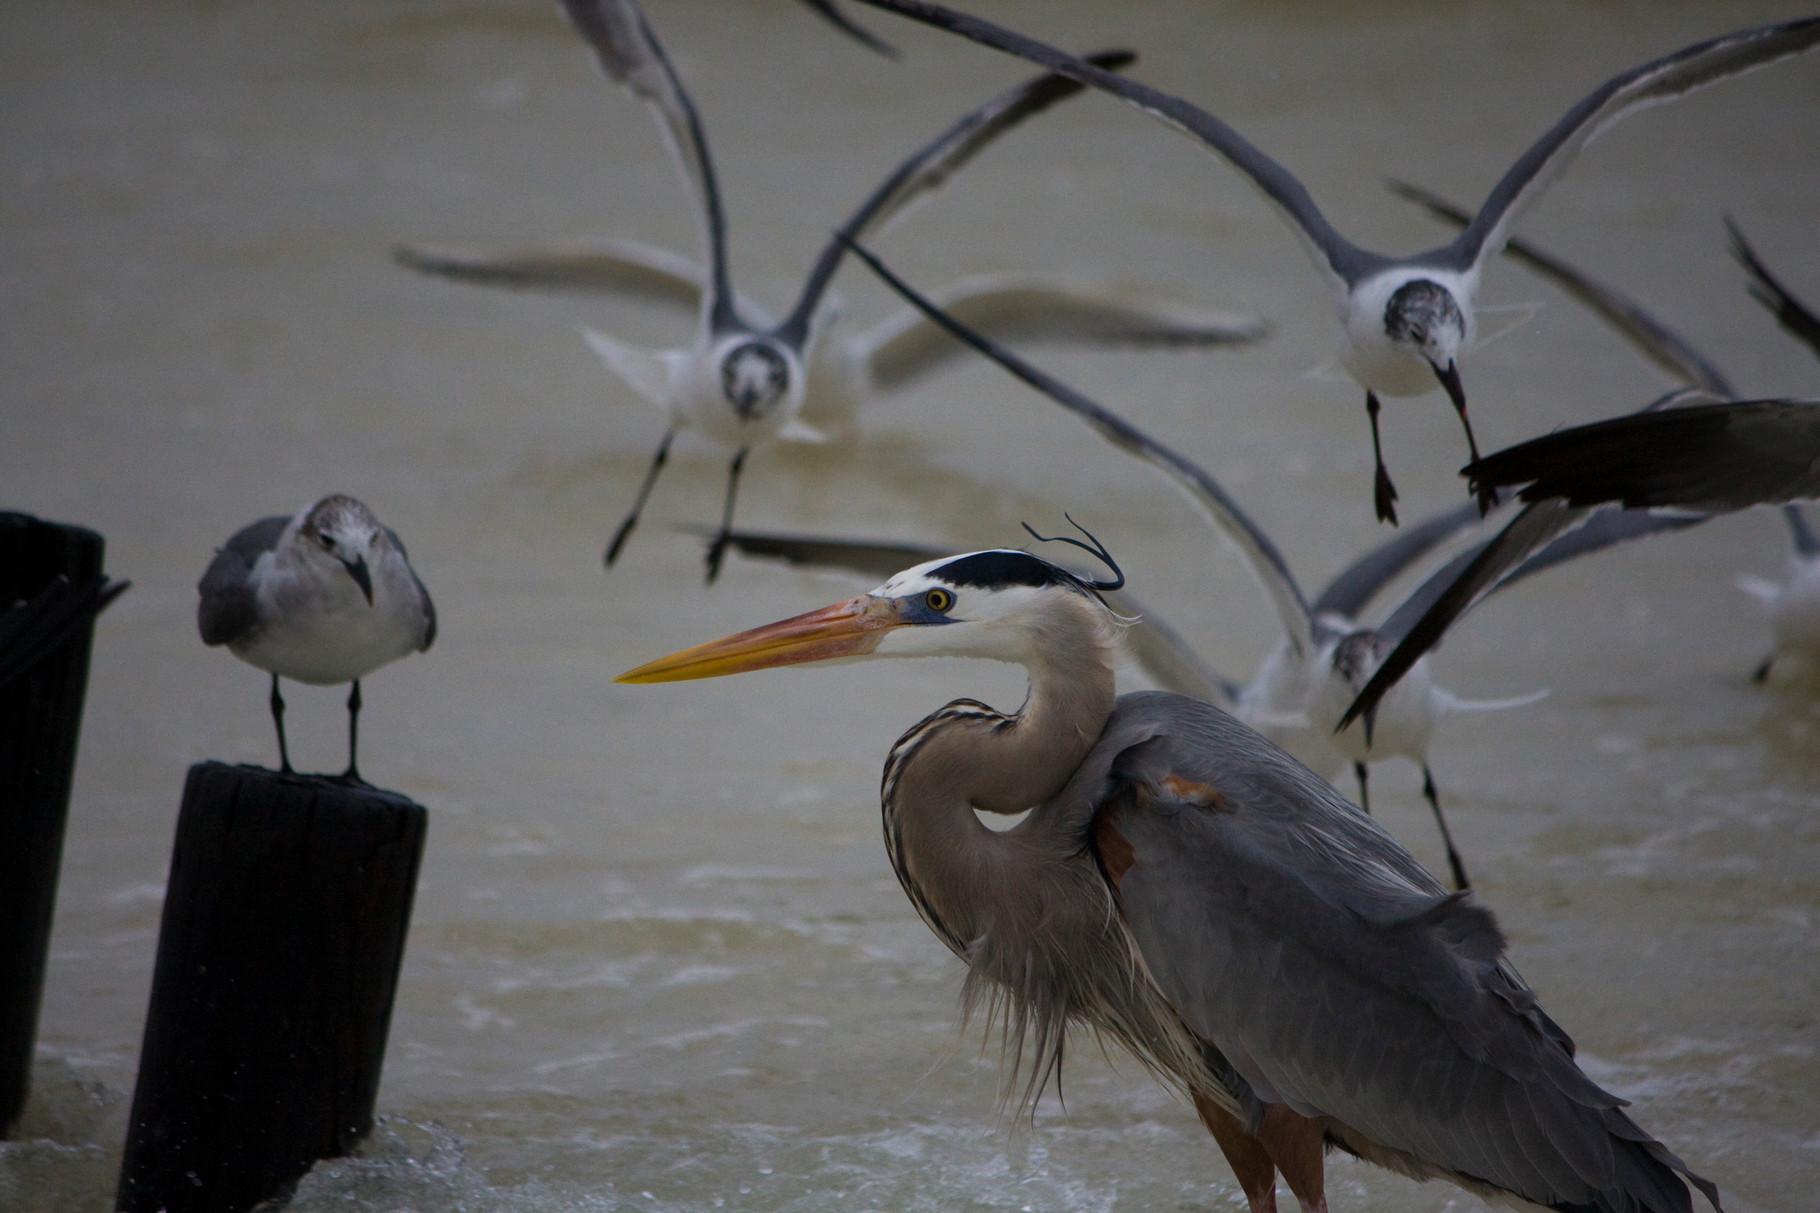 04_Möwen (gulls) umringen einen Graureiher (great blue heron) in Fort Walton Beach in Florida